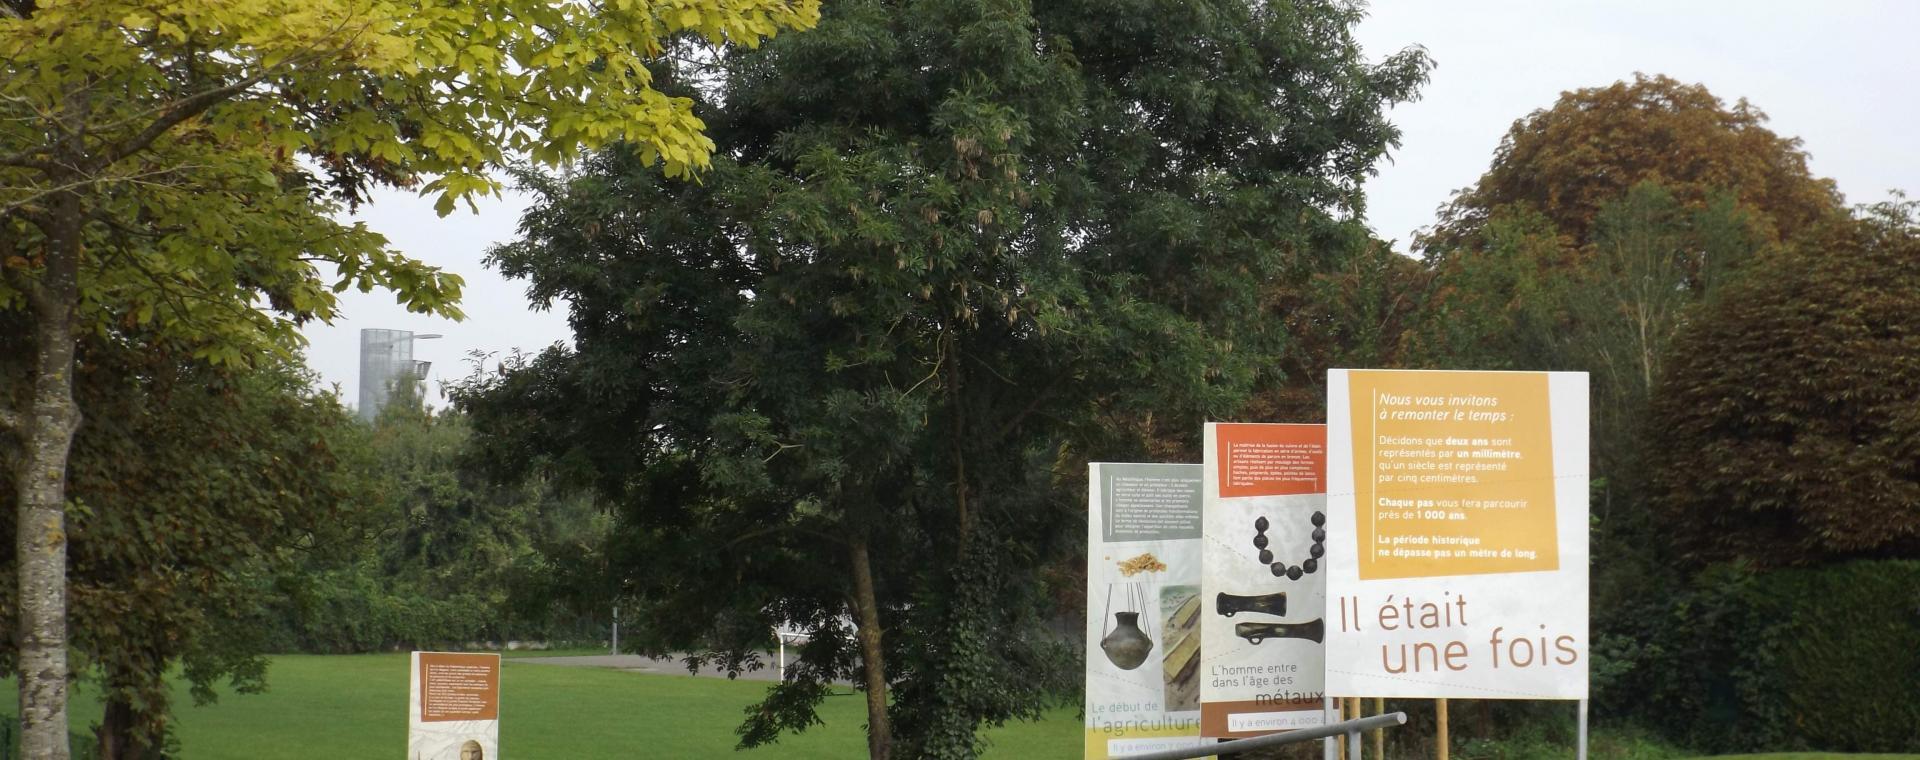 Photo de l'entrée du jardin archéologique de Saint-Acheul avec ses panneaux d'interprétation.